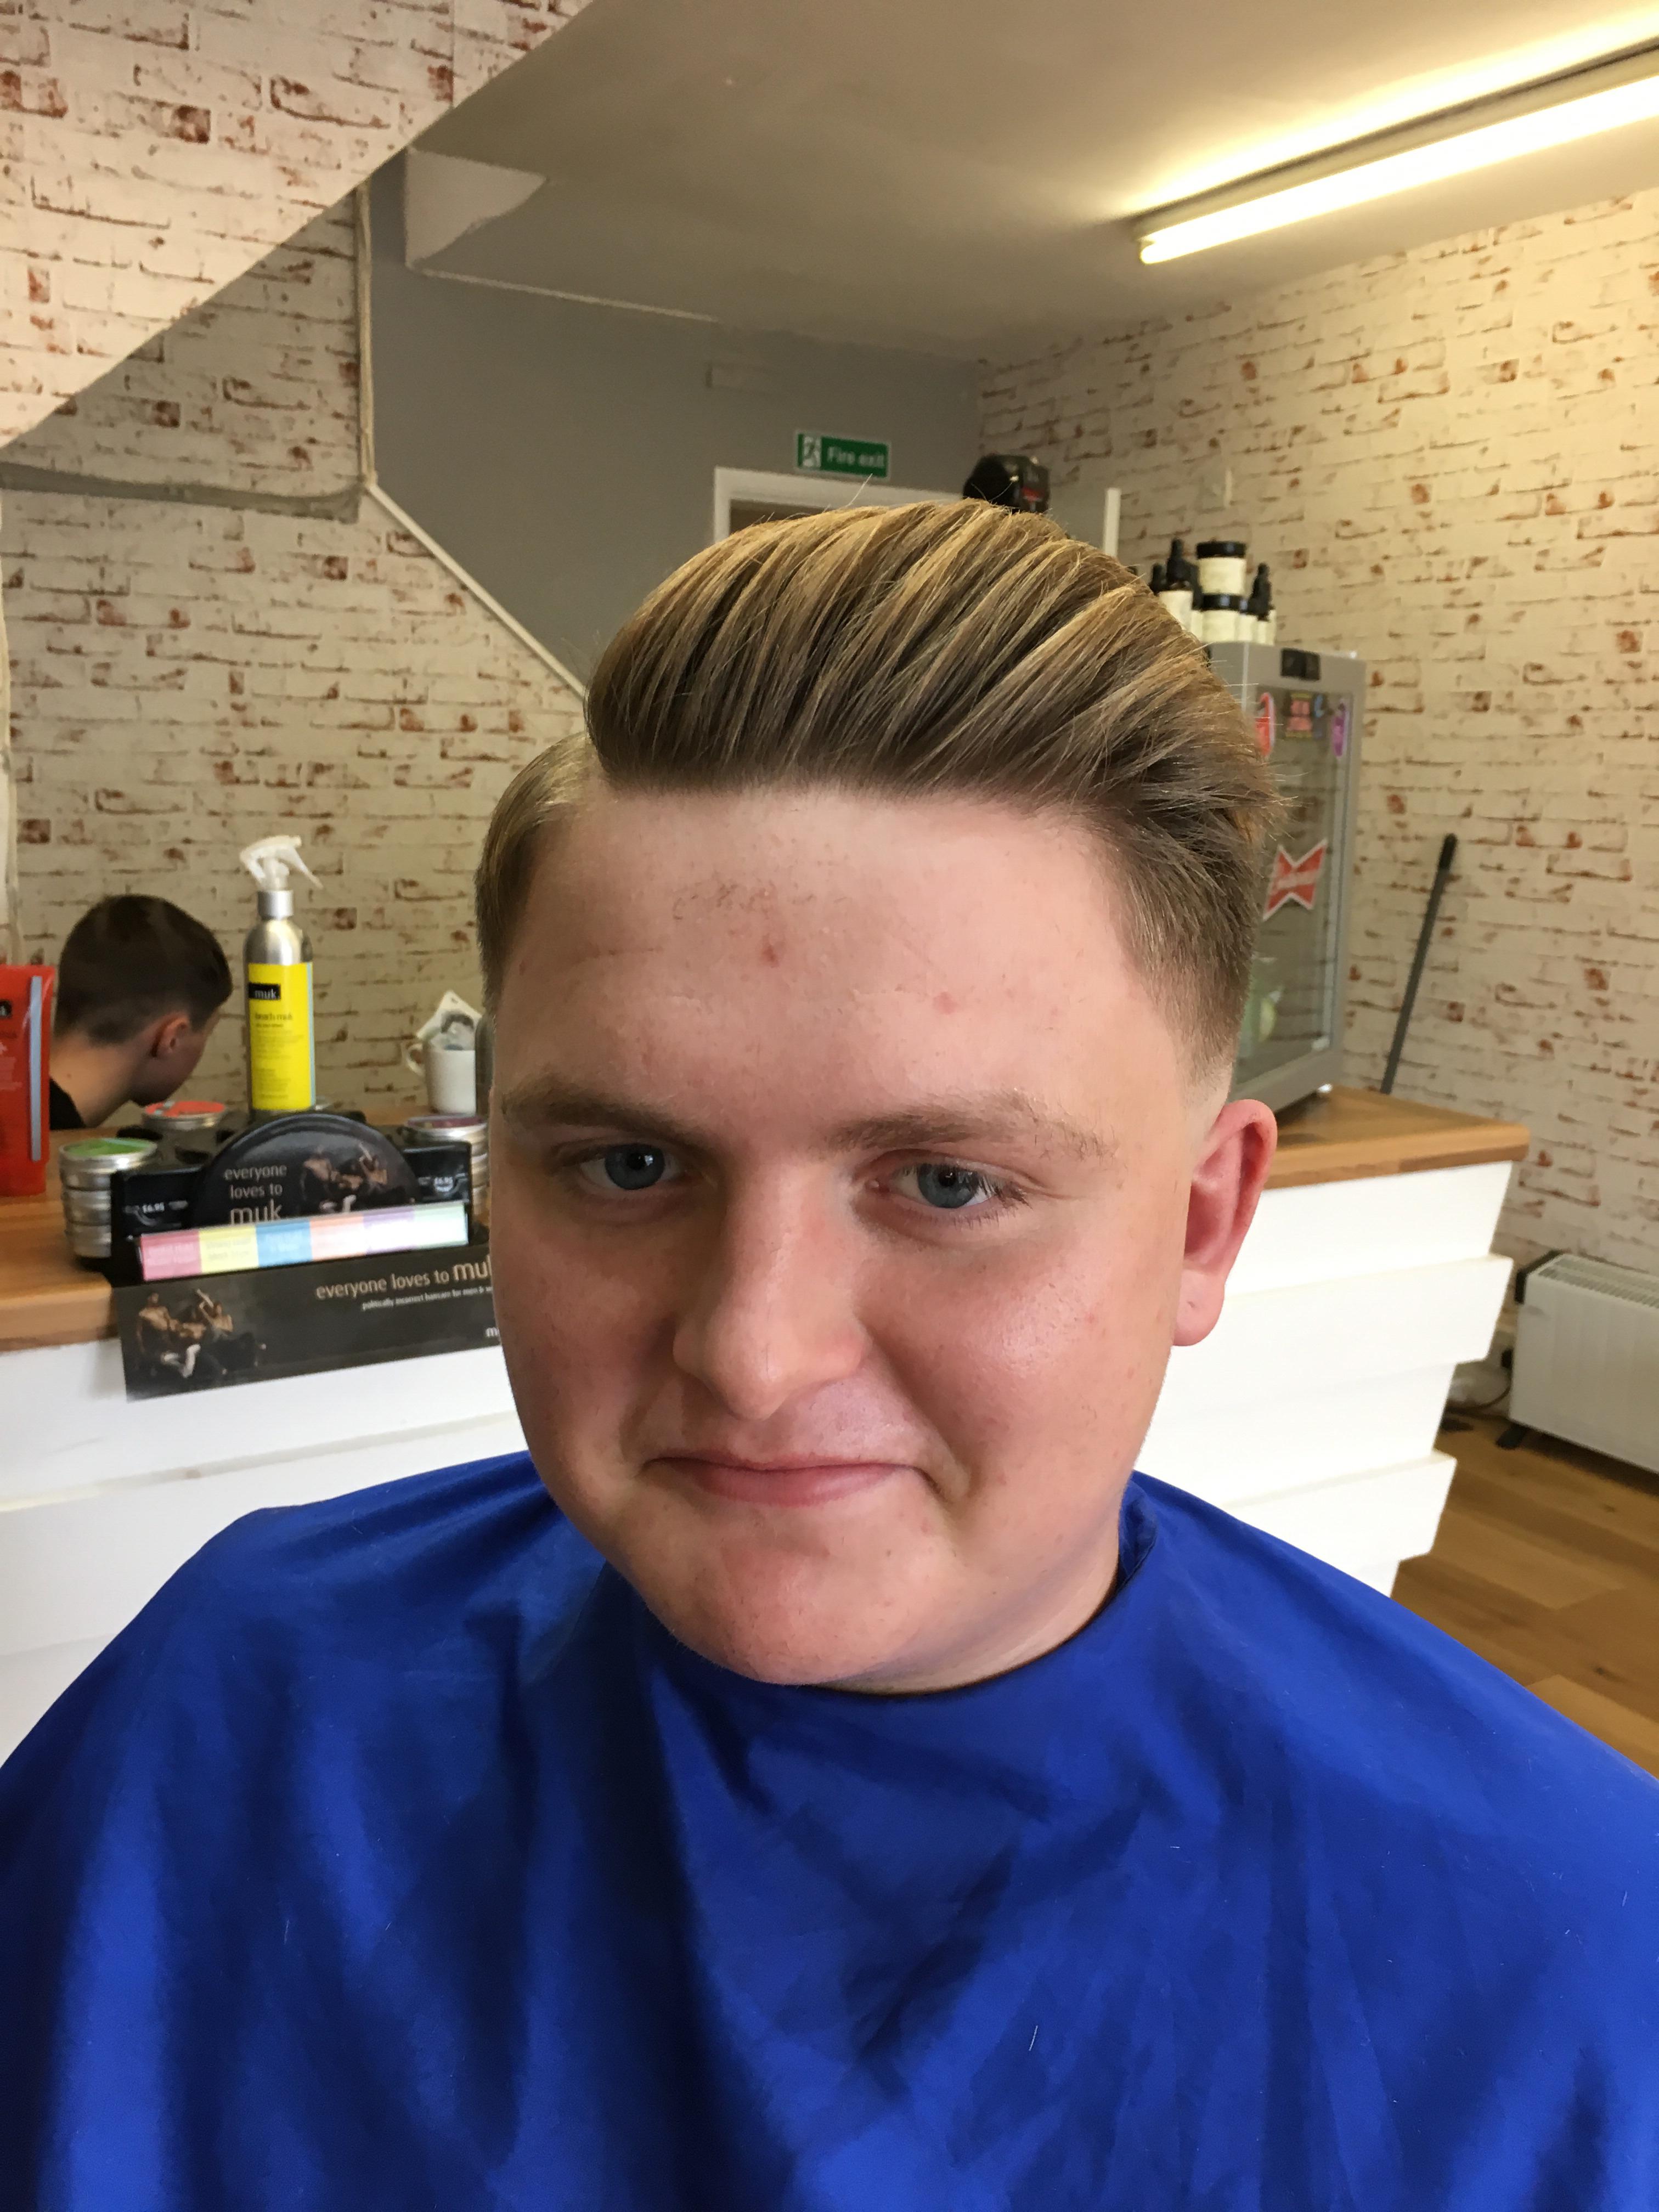 Razor Fade Haircut Tutorial Video By Cchairstudioltd Mhd